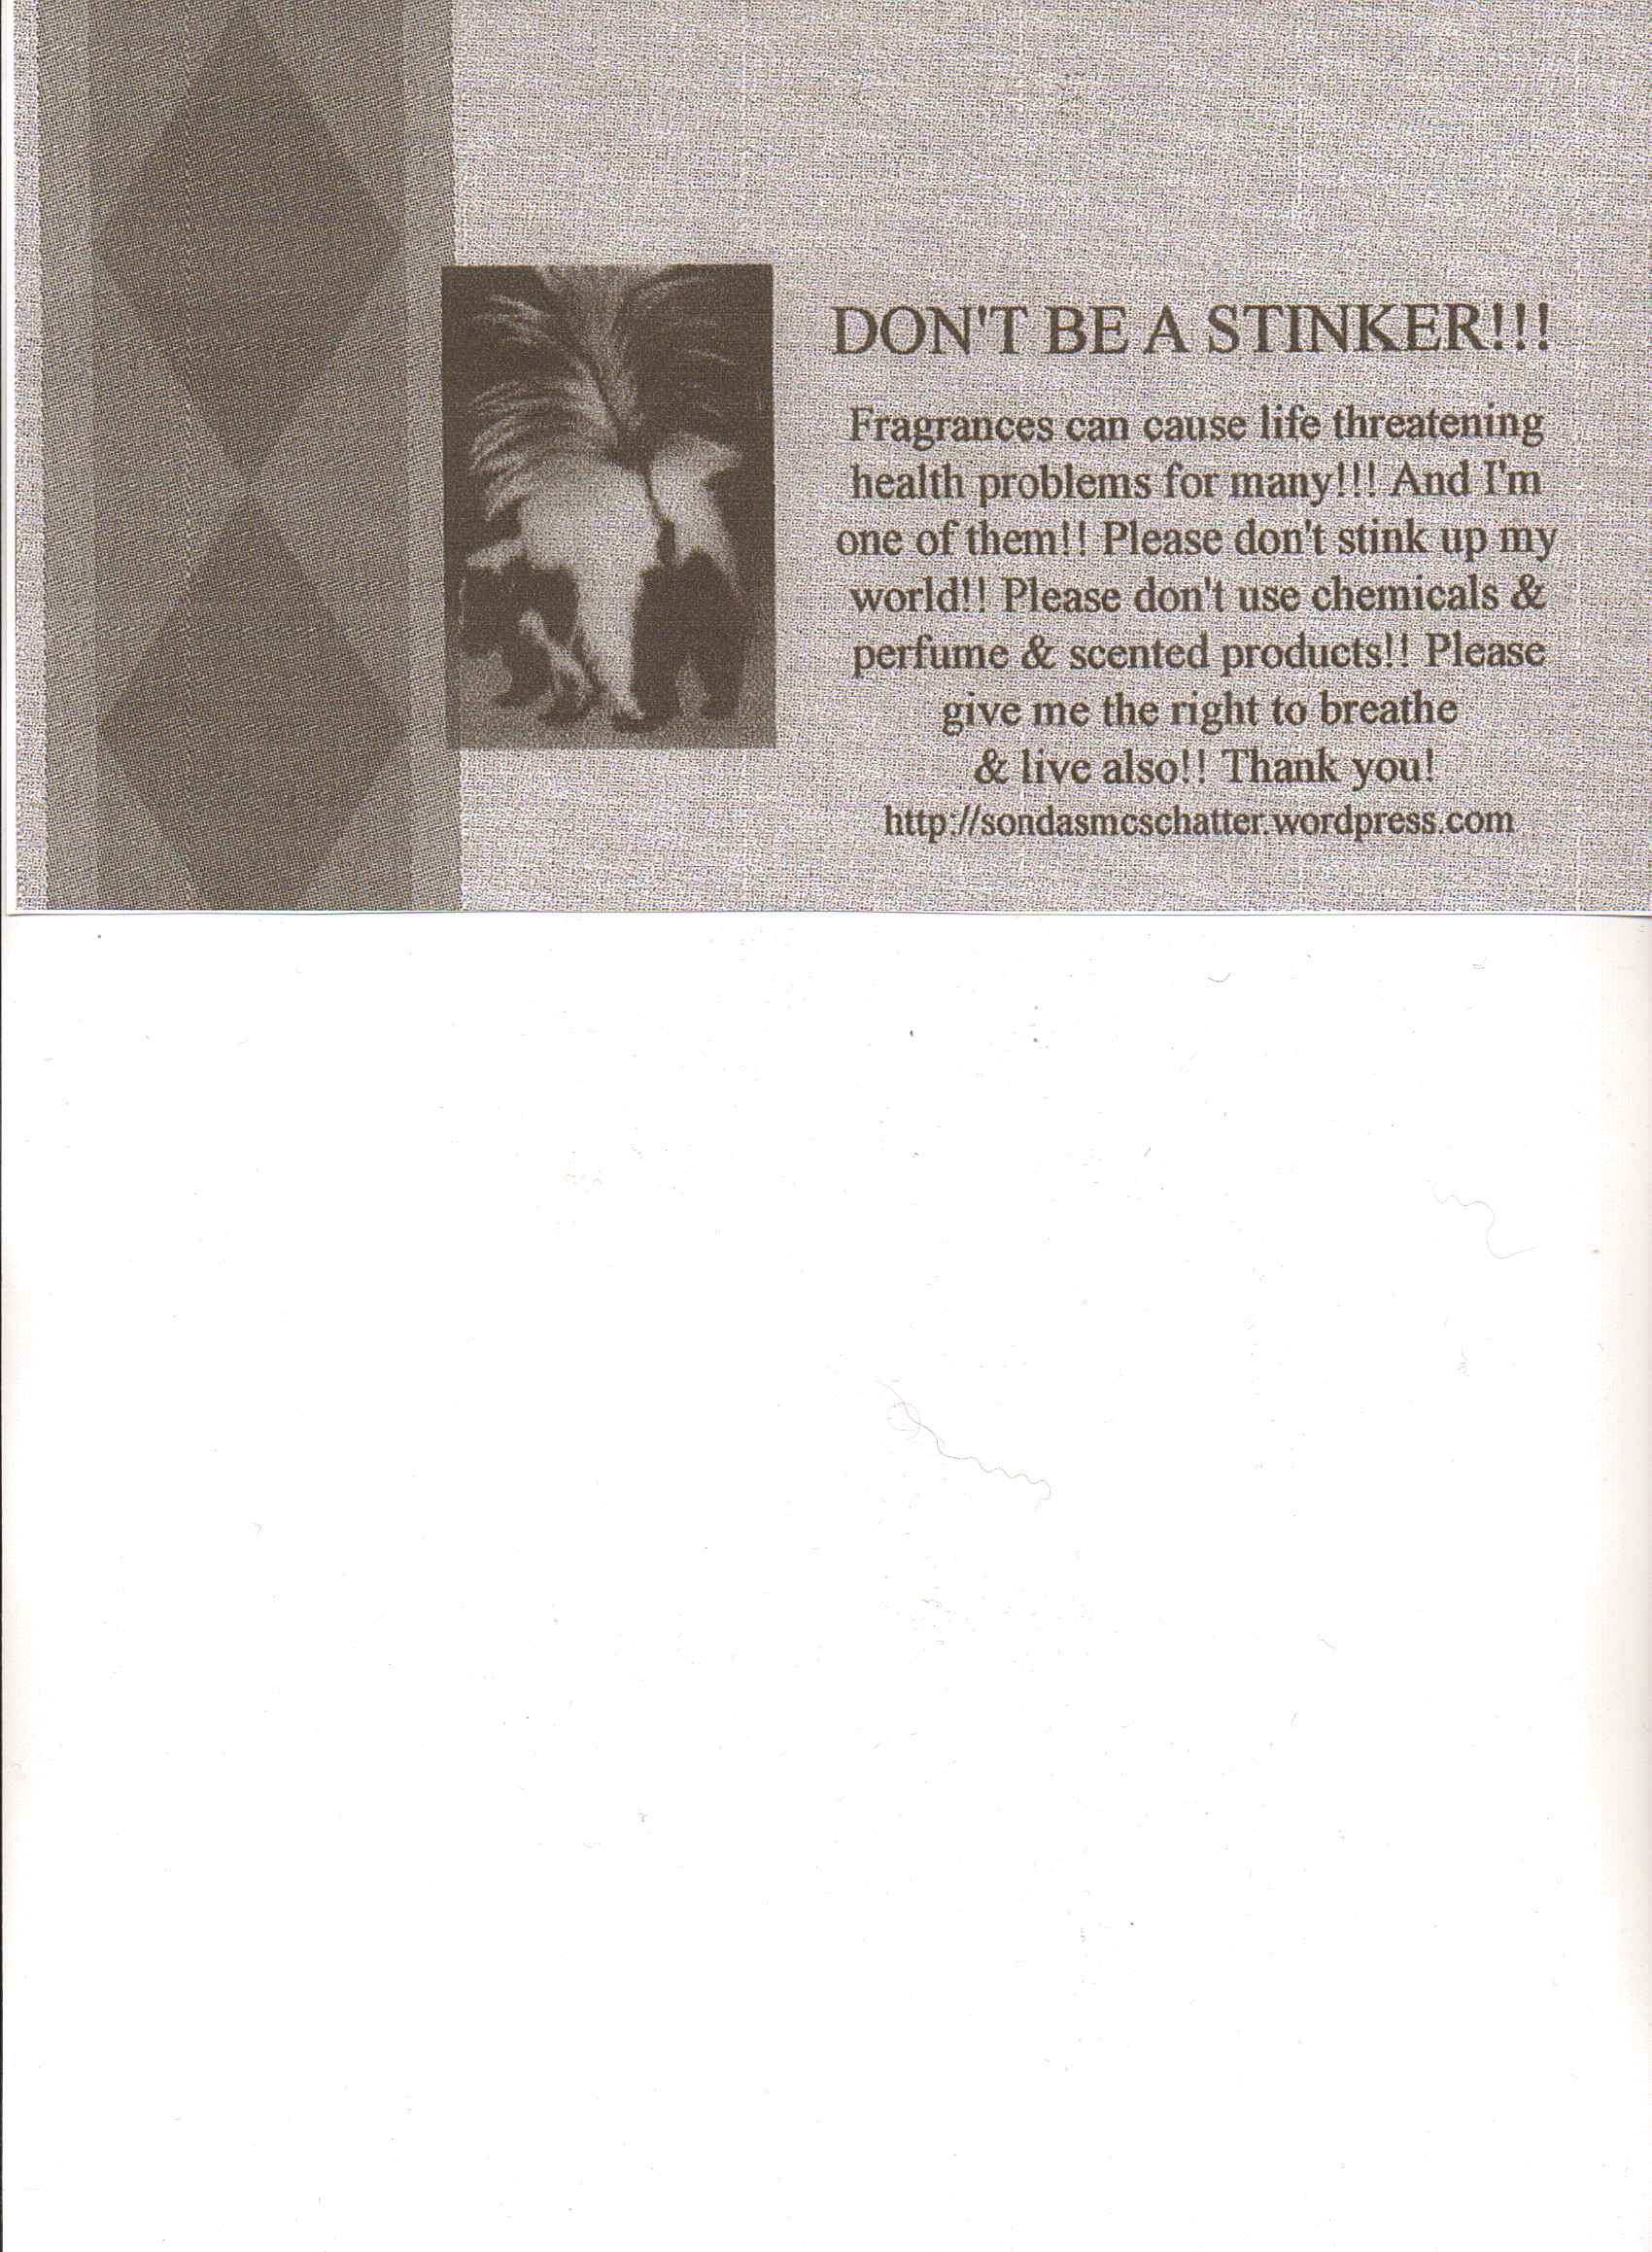 Copy of business card & dancing | sondasmcschatter